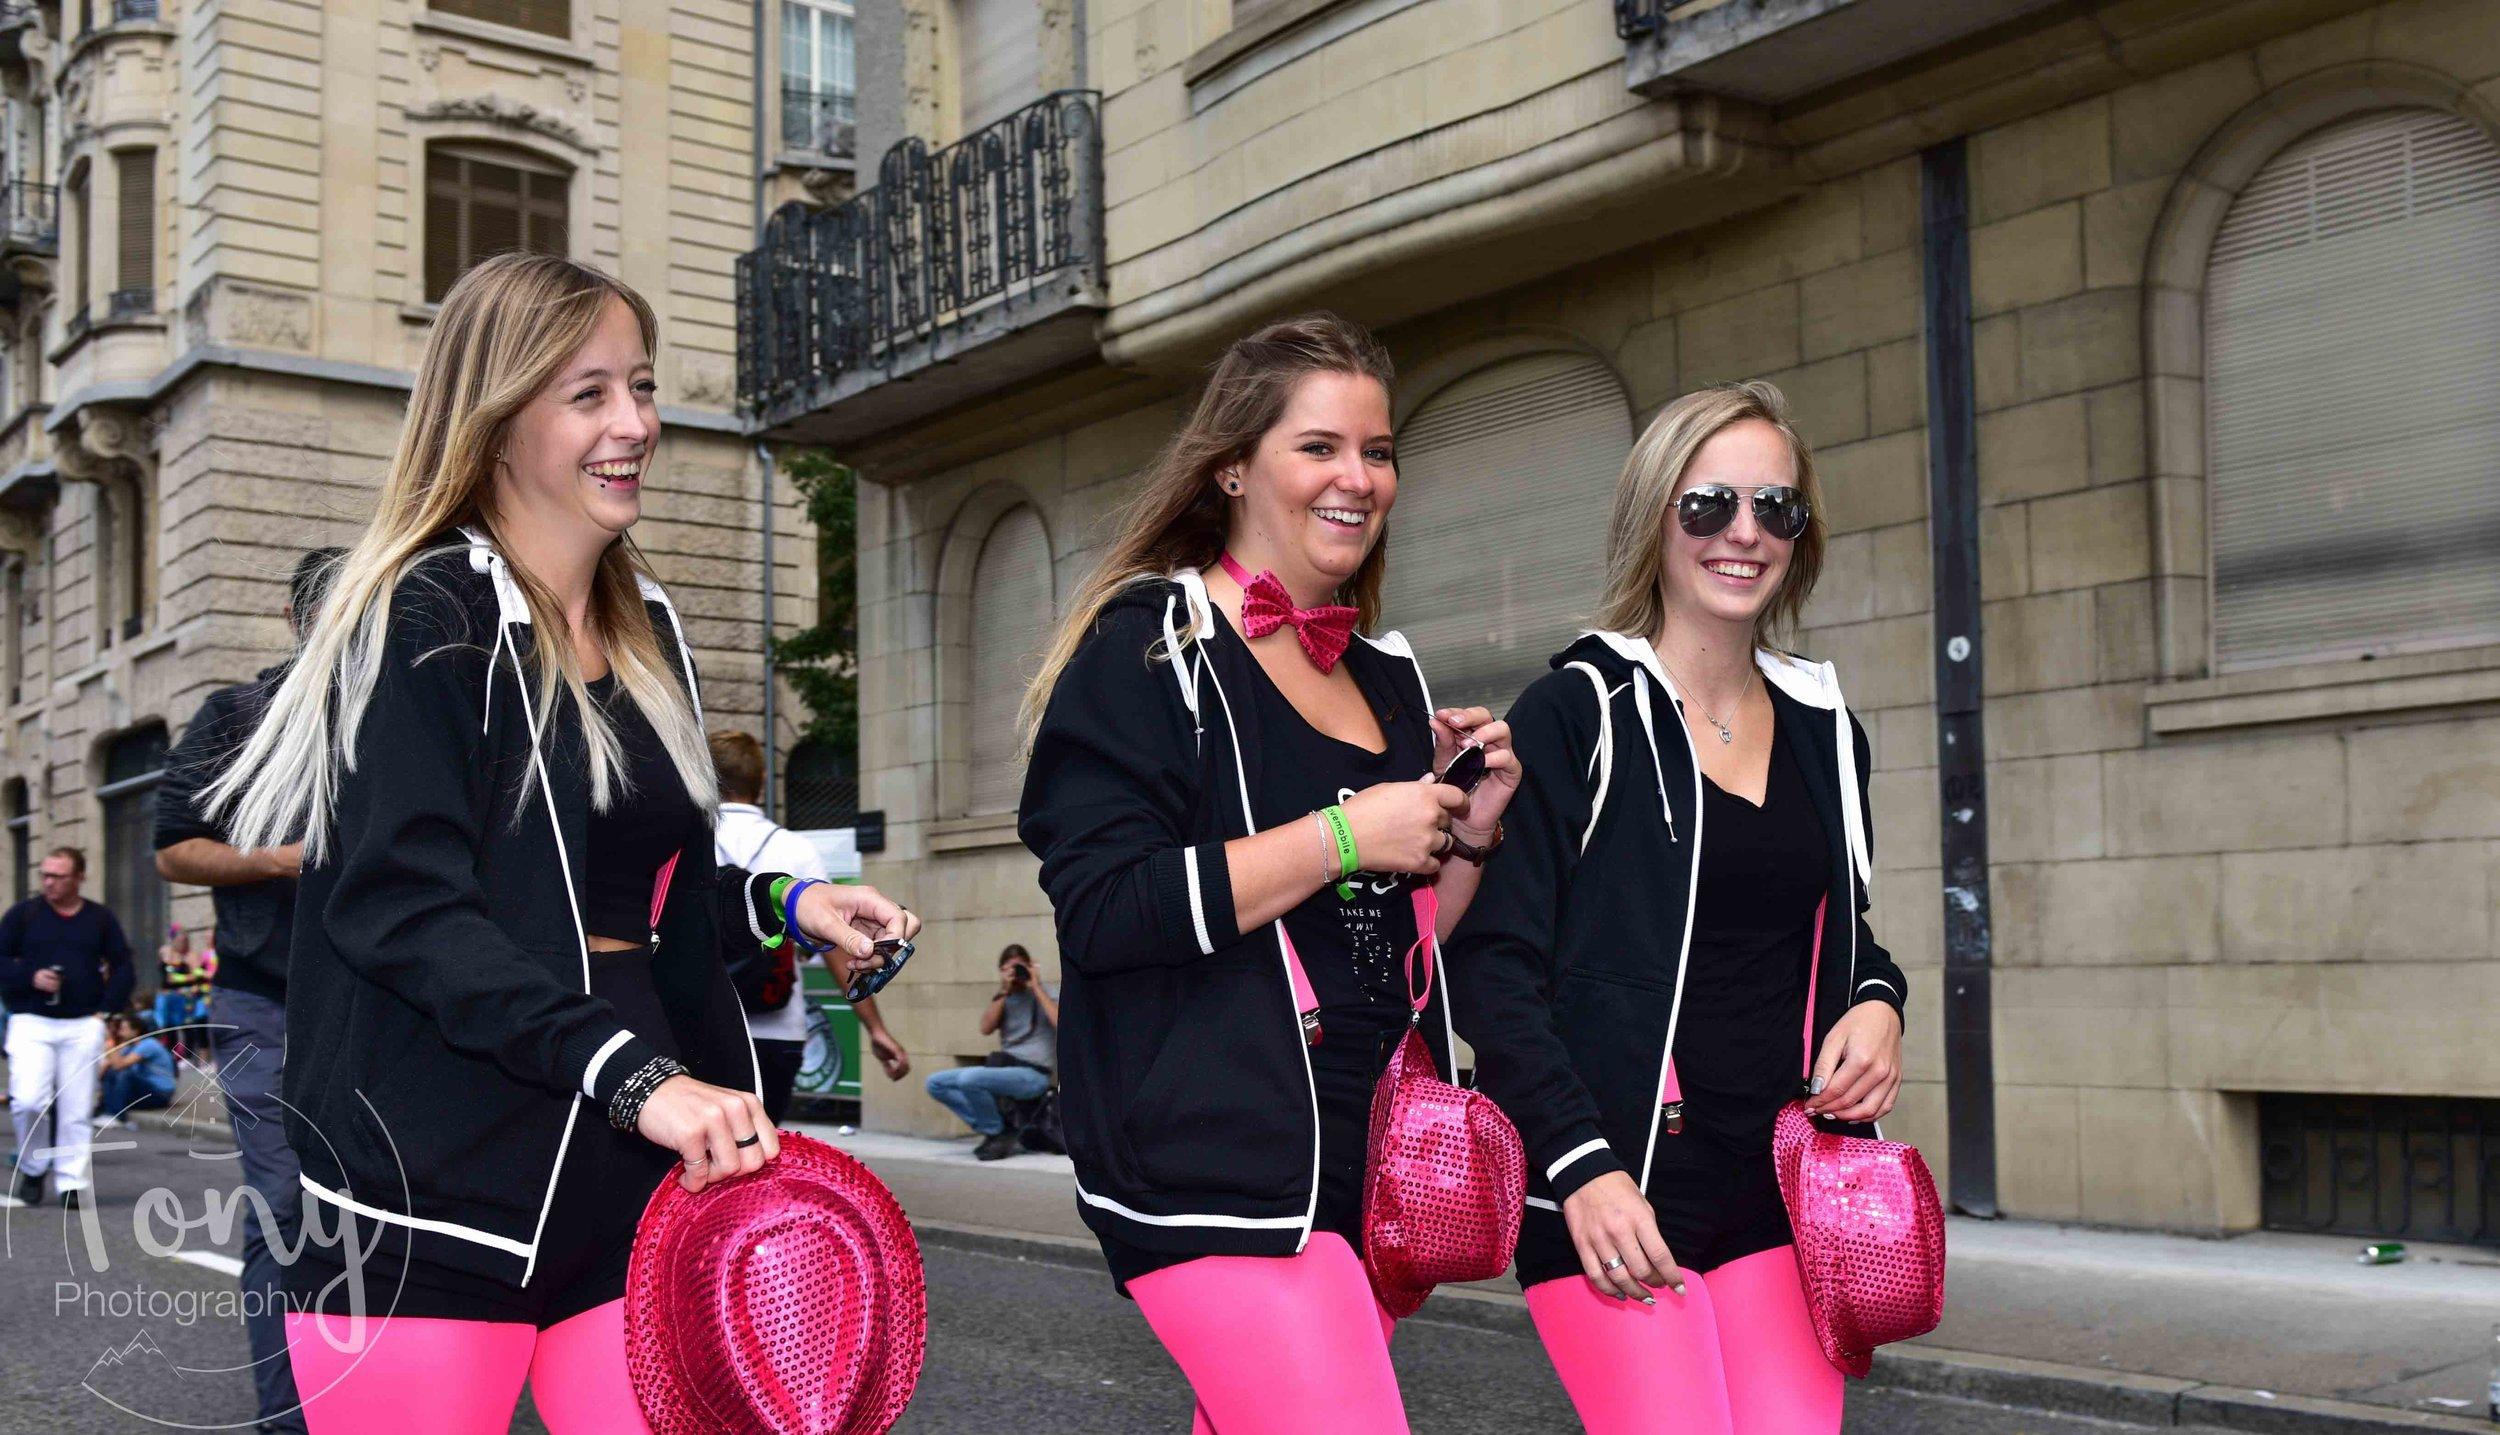 streetparade-30.jpg